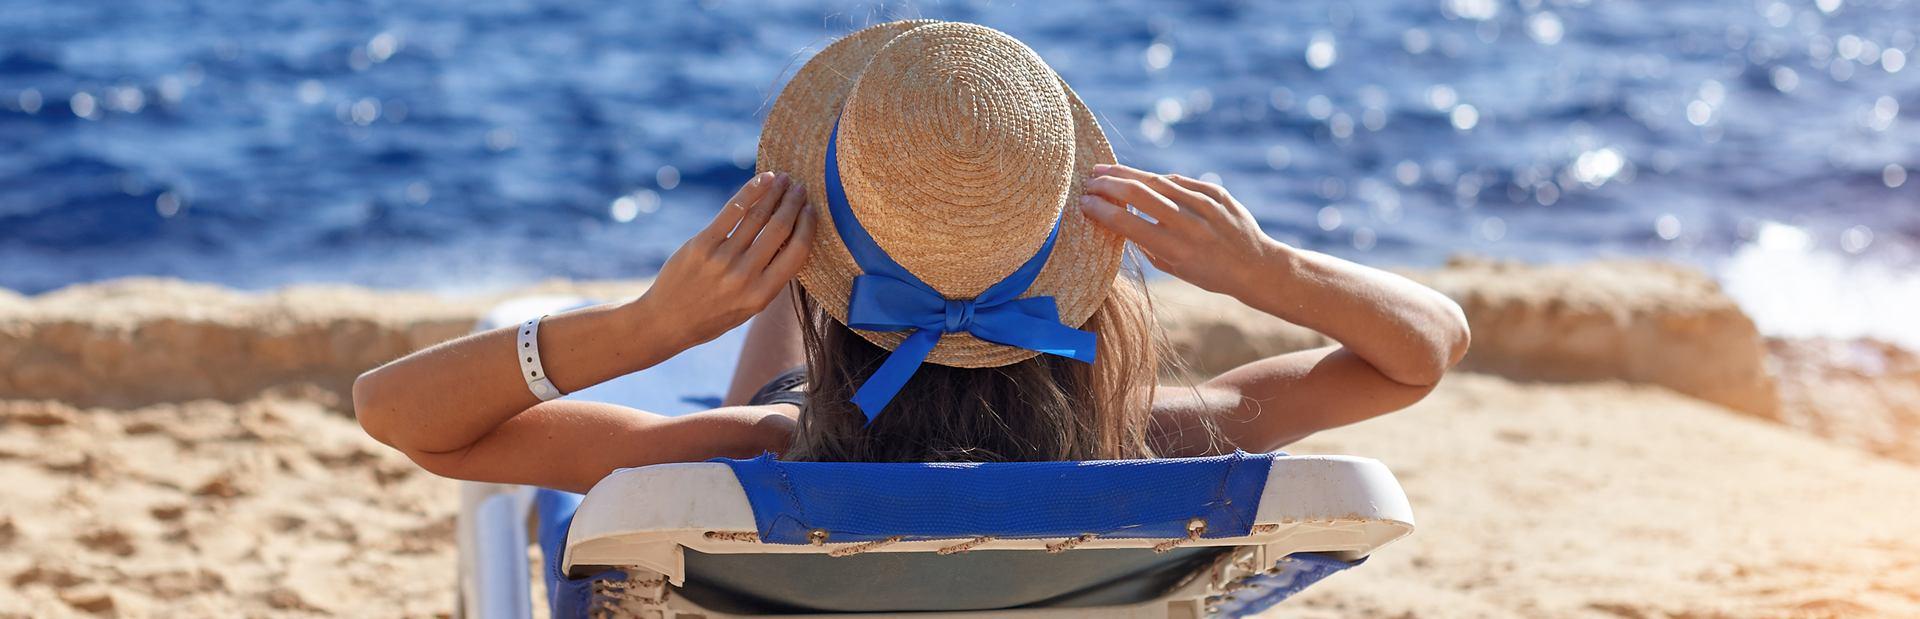 St Tropez climate photo